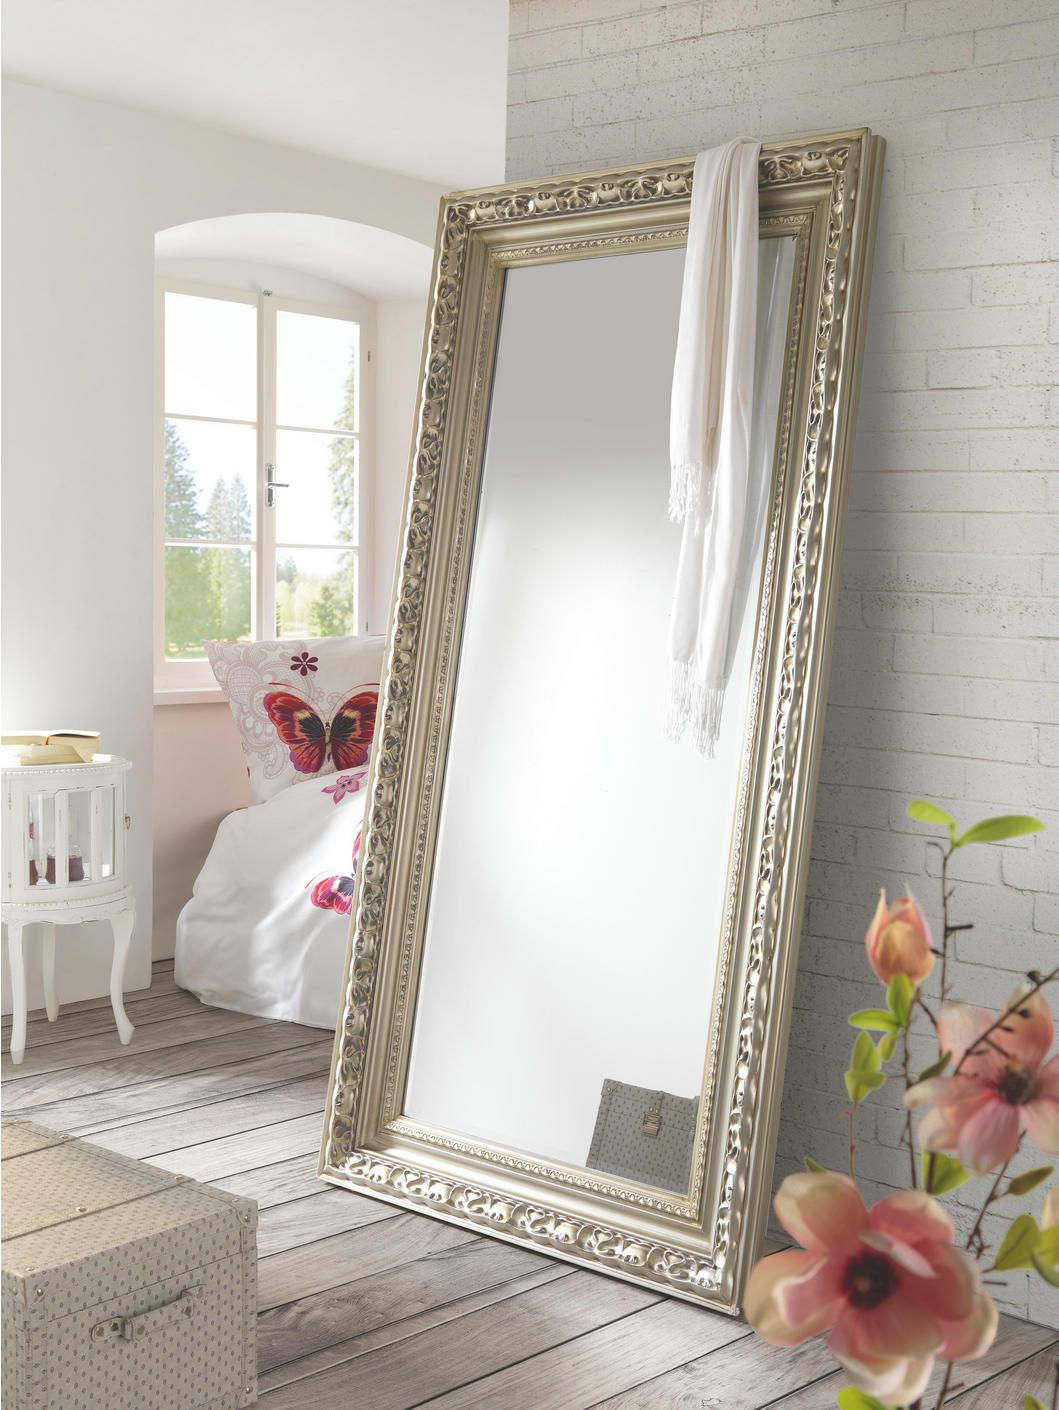 Spiegel Rahmen Metall  Wandspiegel, Wohnzimmer spiegel